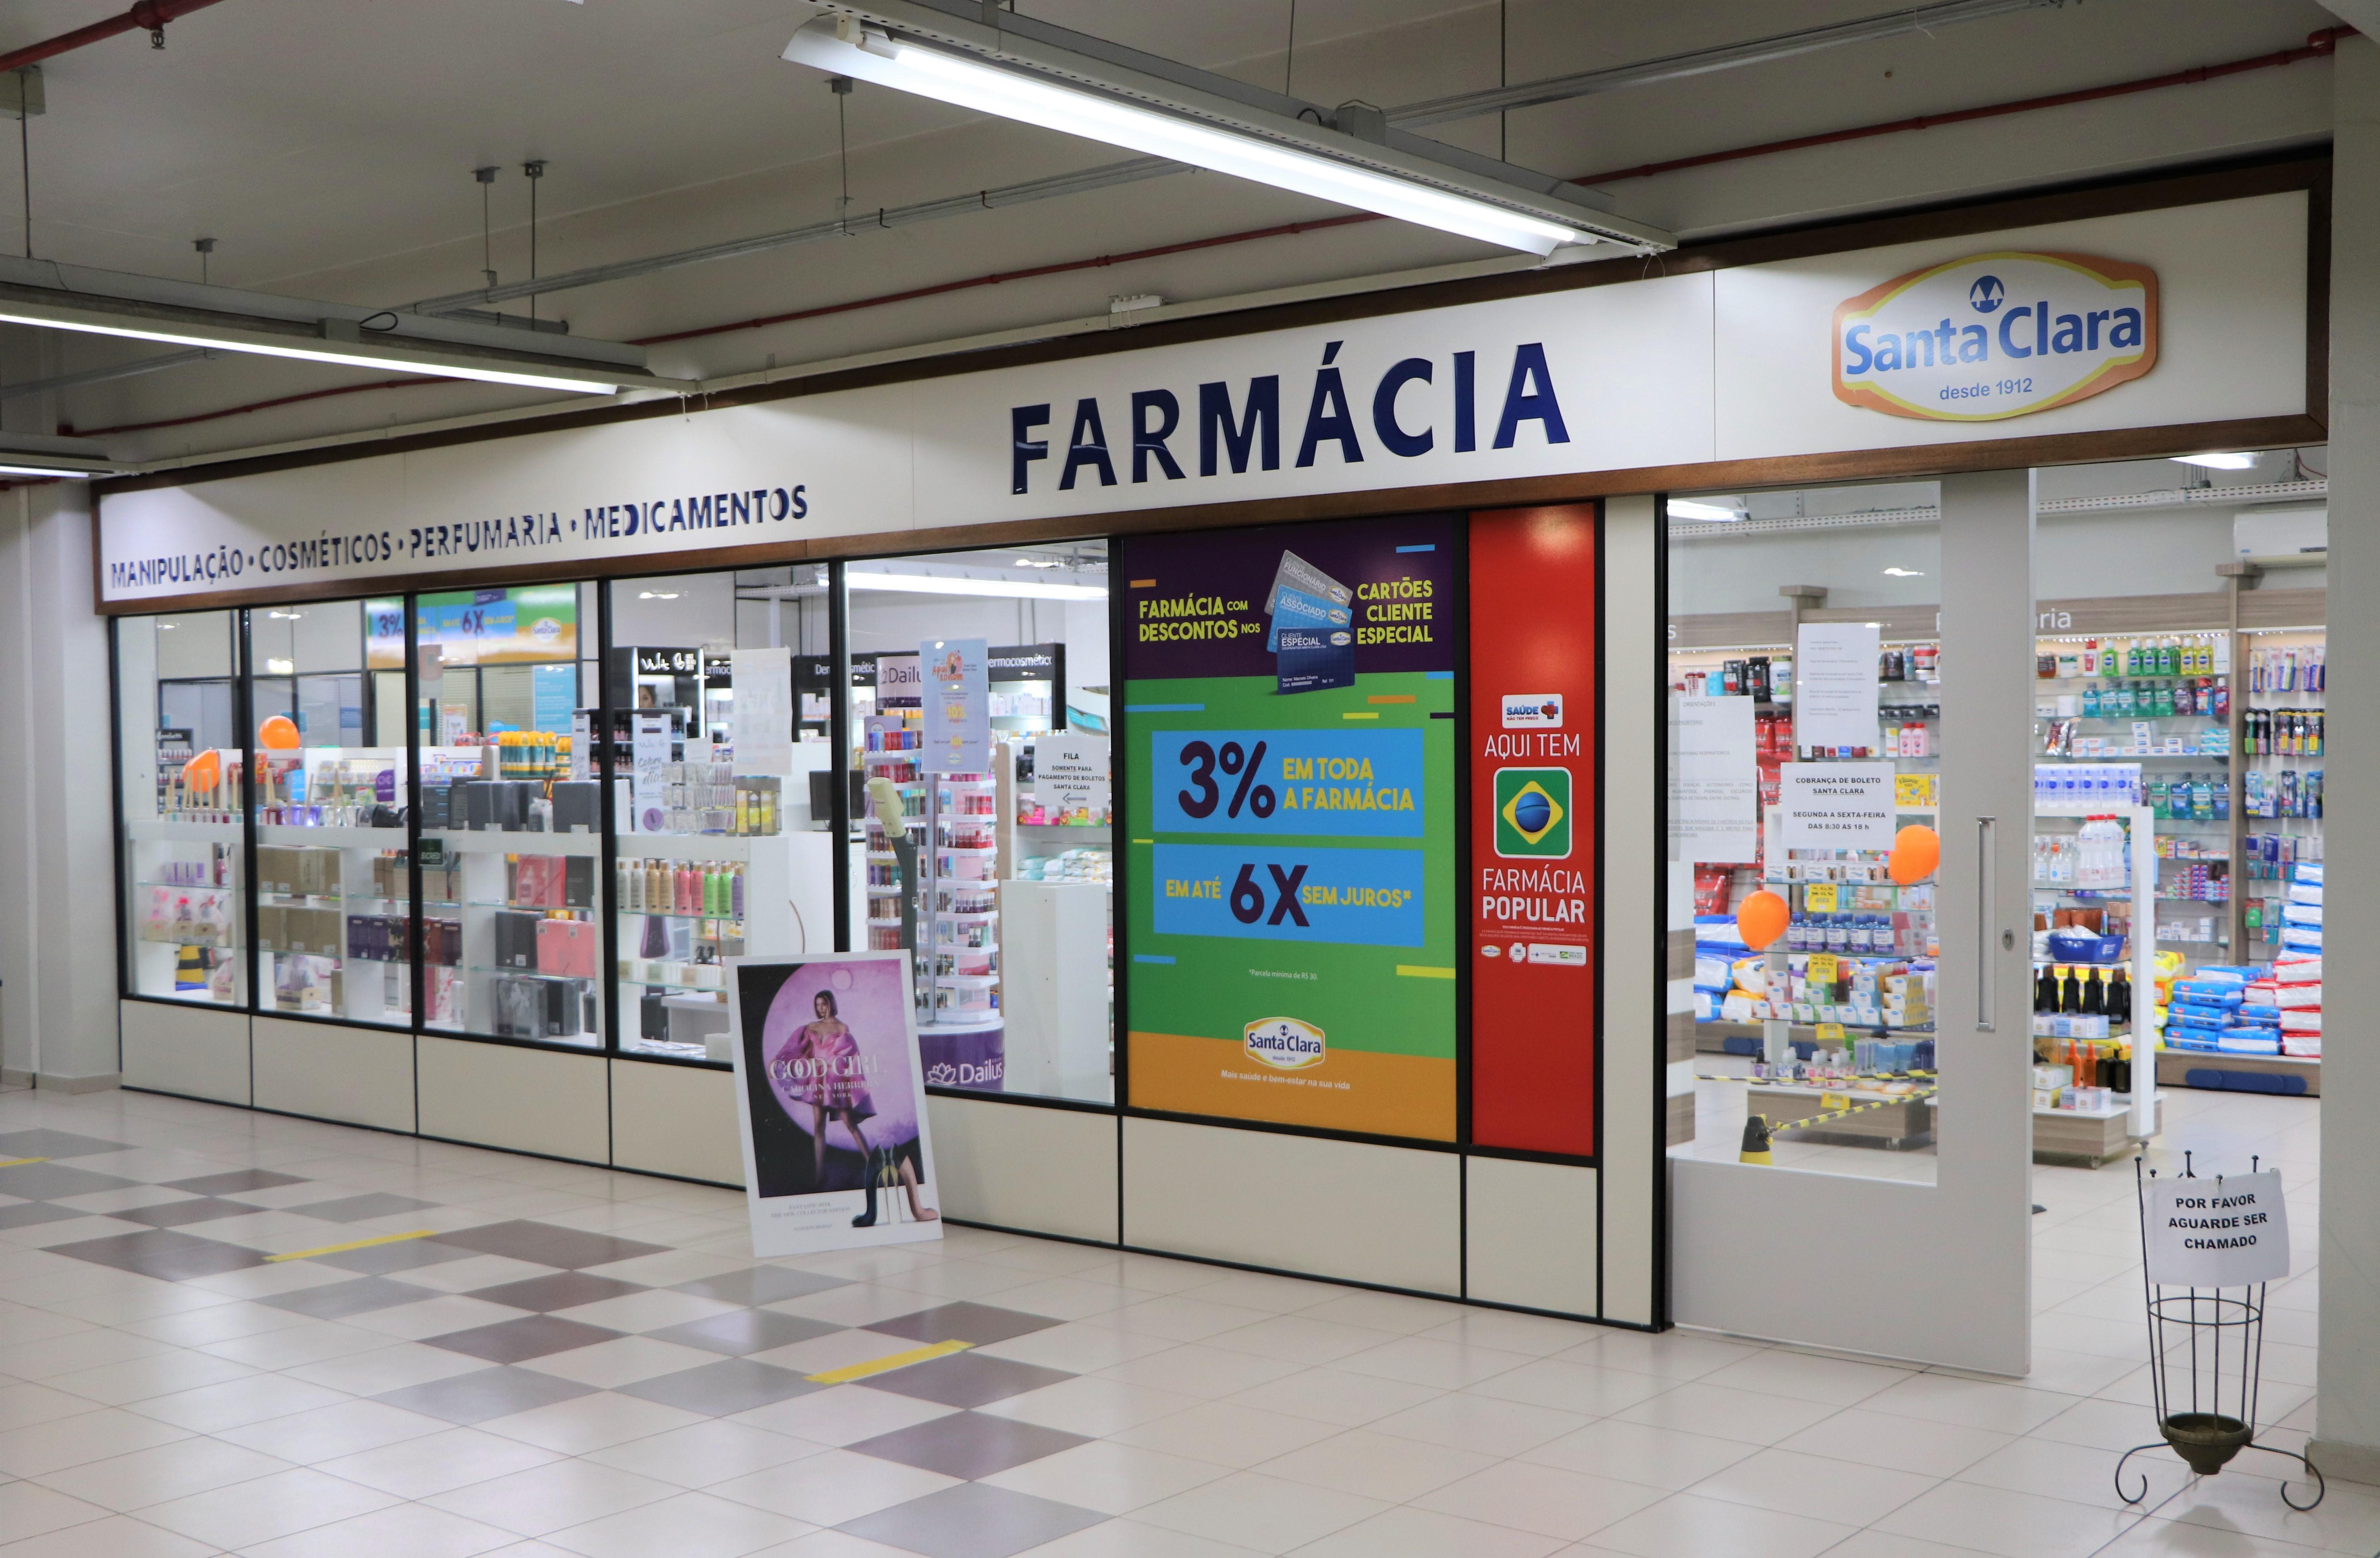 Farmácia Santa Clara agora aceita prescrição médica digital